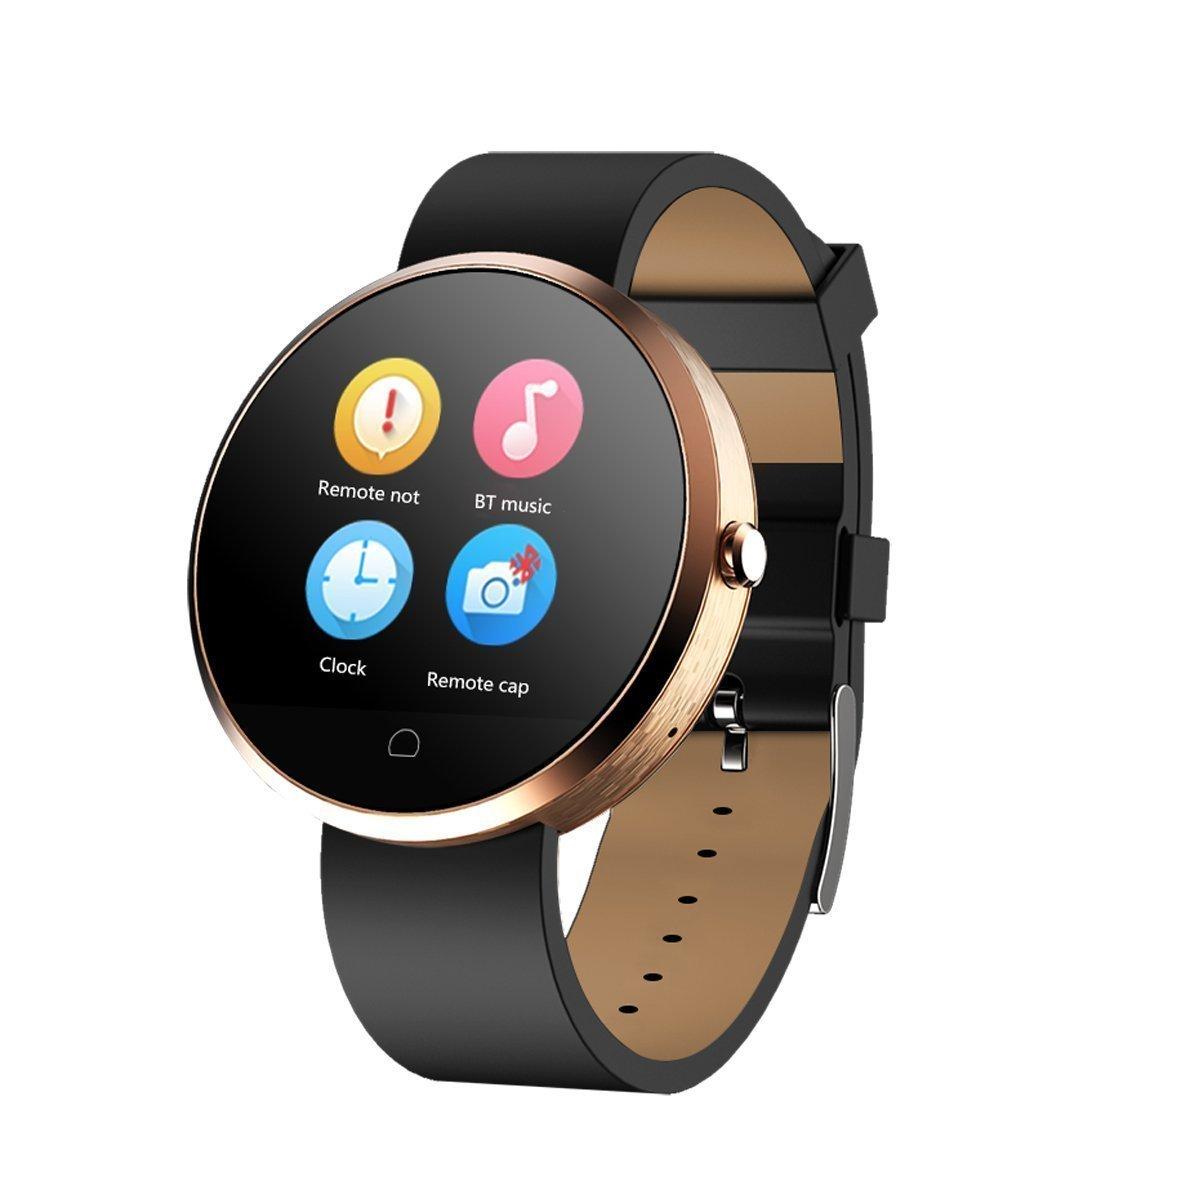 Haier Smartwatch G6 Pulsera con Pantalla T¨¢ctil Selfie Anti Perderse con Bluetooth conectable con Smartphone llamada Sync, Music Sync, mensaje ...